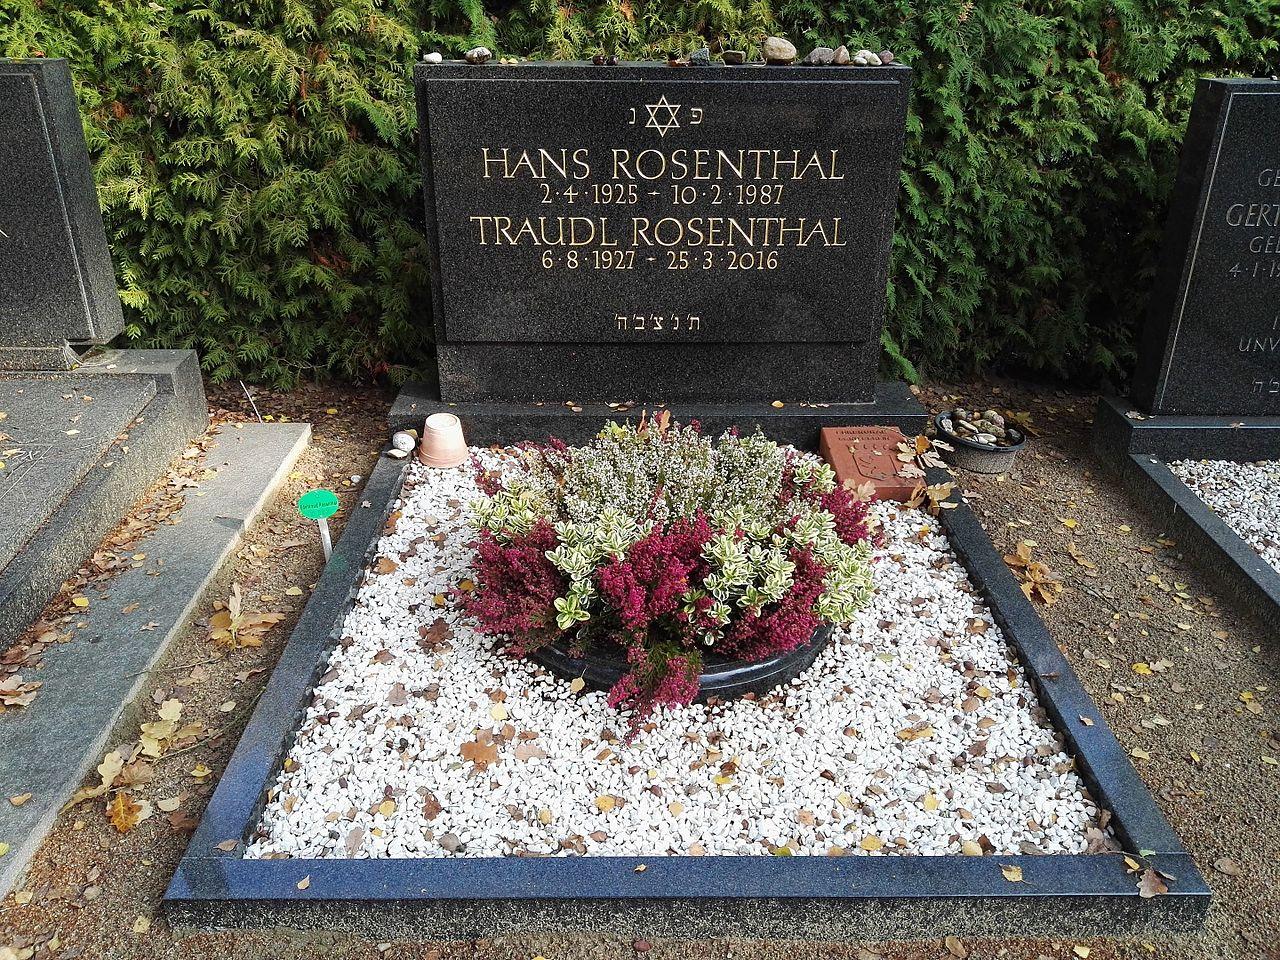 File:Jüdischer Friedhof Heerstraße Berlin Okt.2016 - 1.jpg